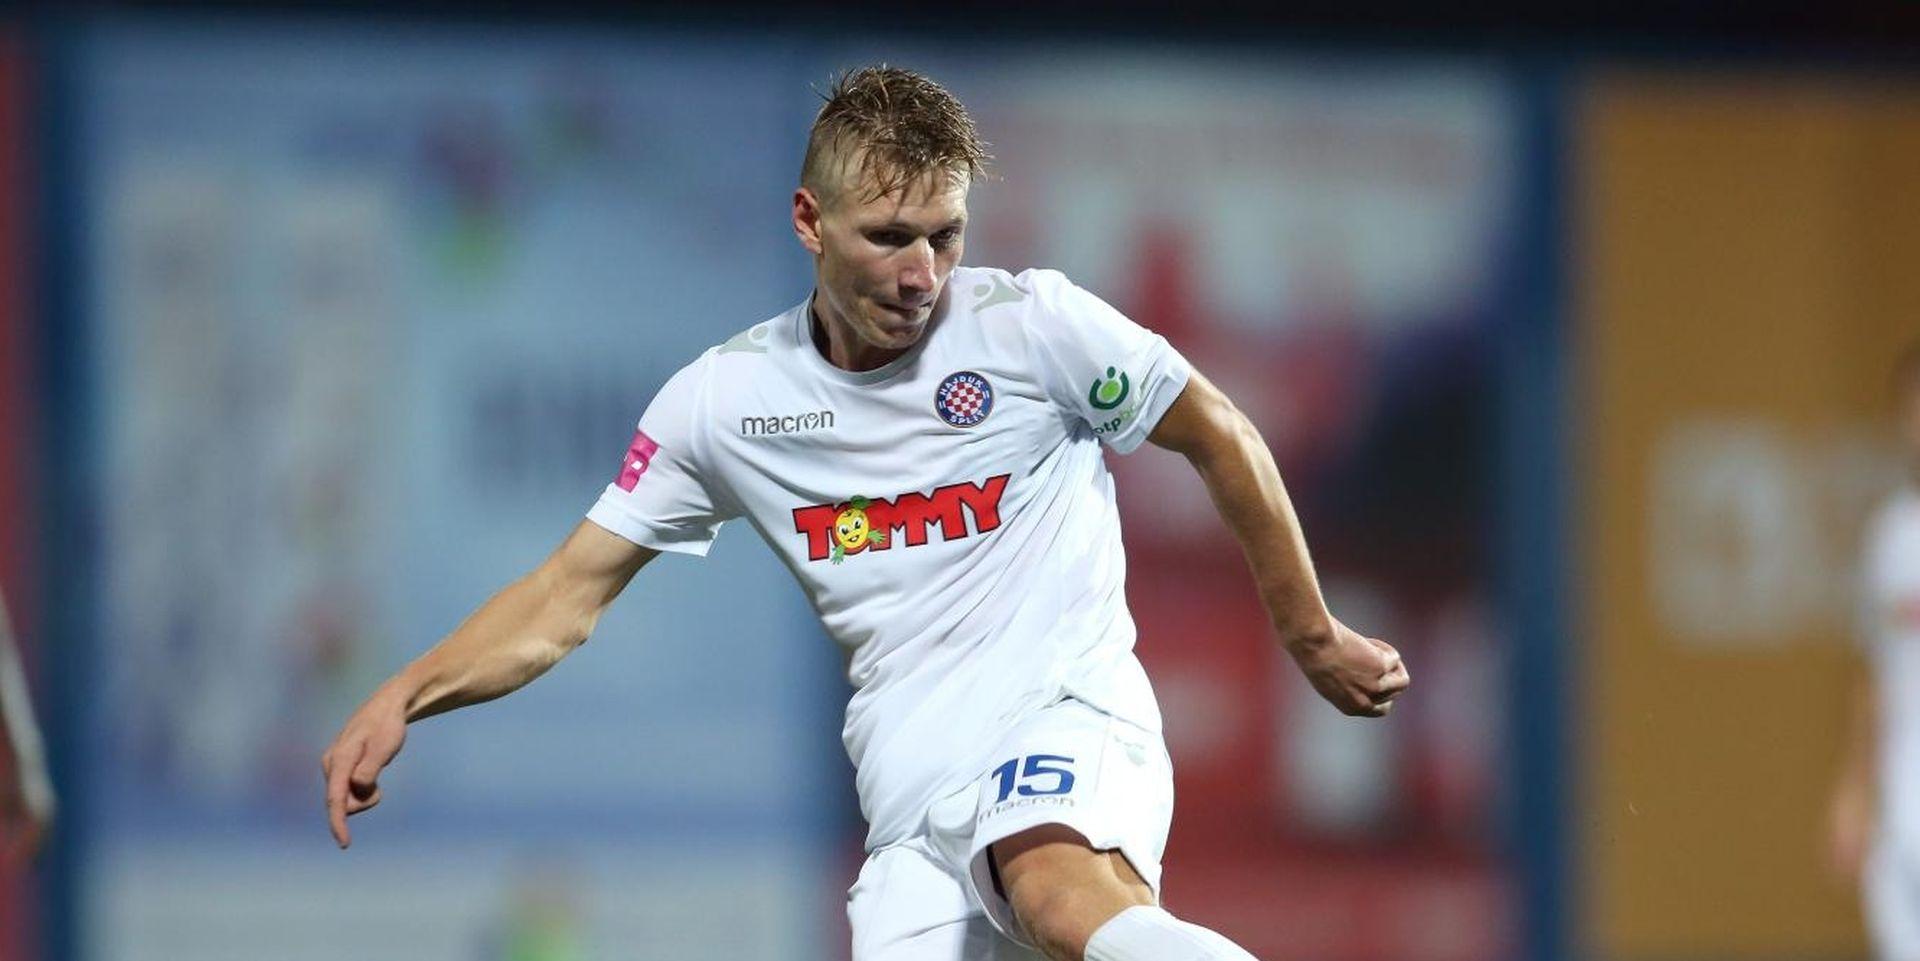 Palaversa potpisao za Manchester City, ostaje u Hajduku na posudbi